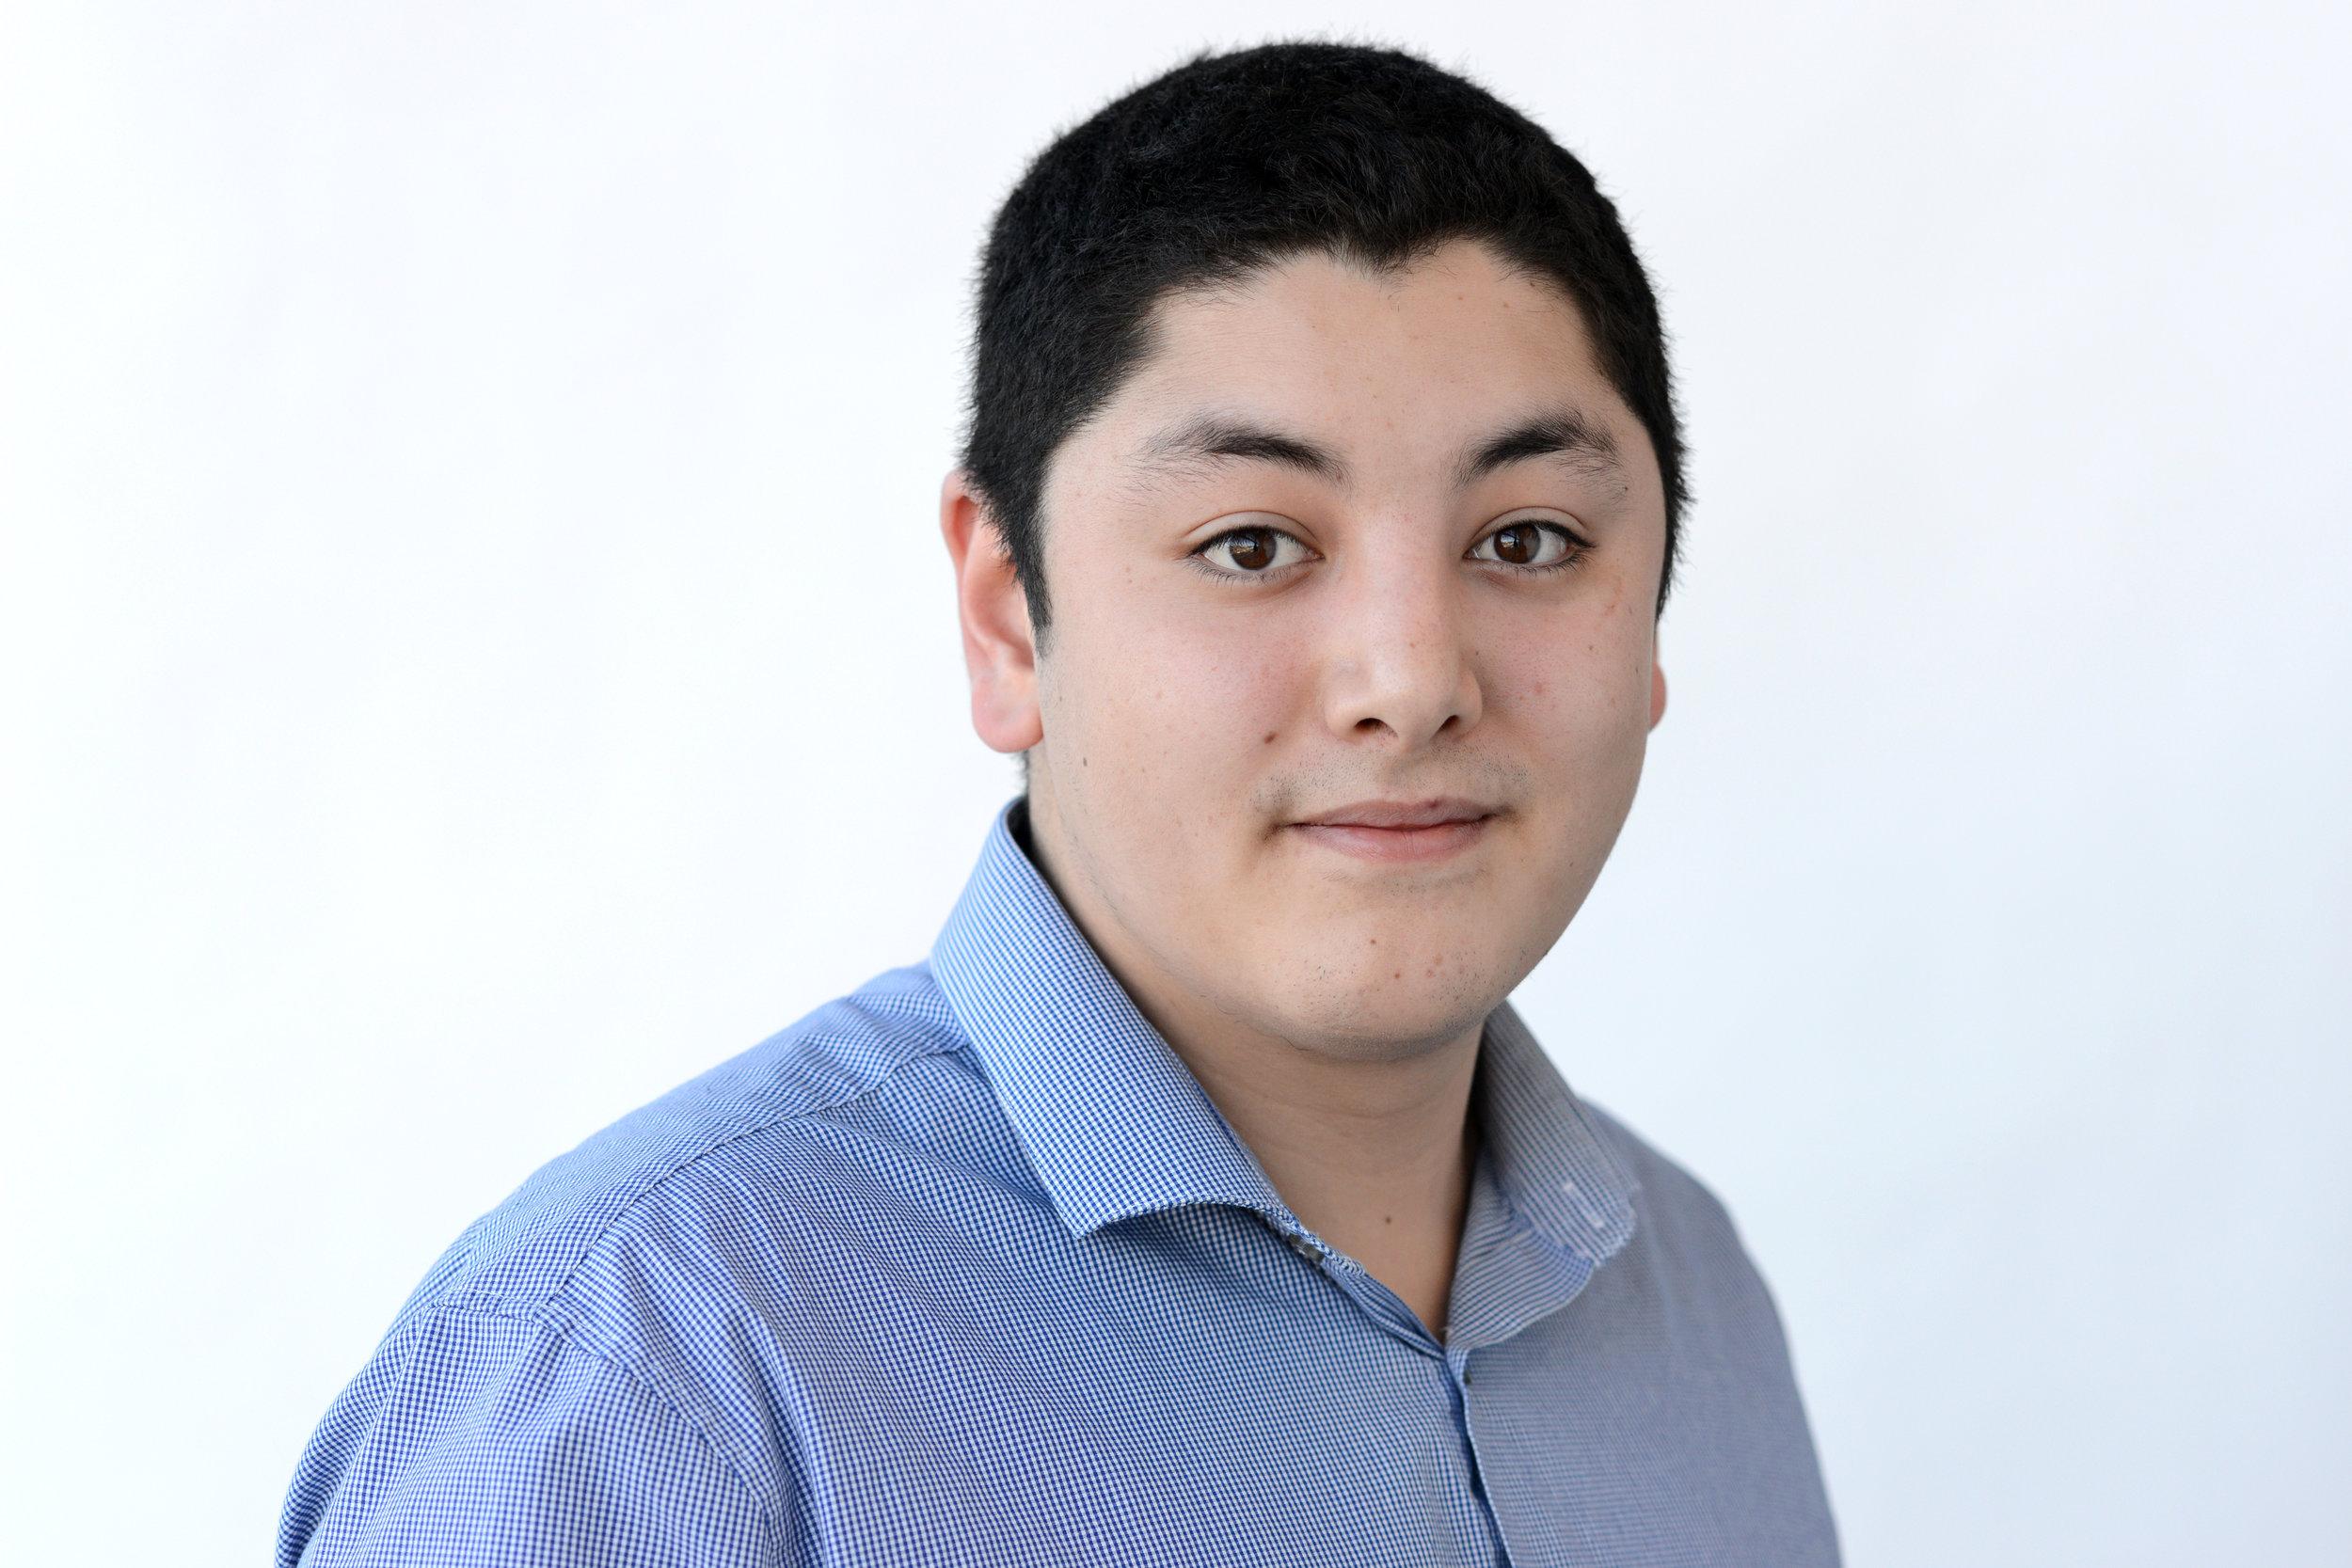 Noah Chun